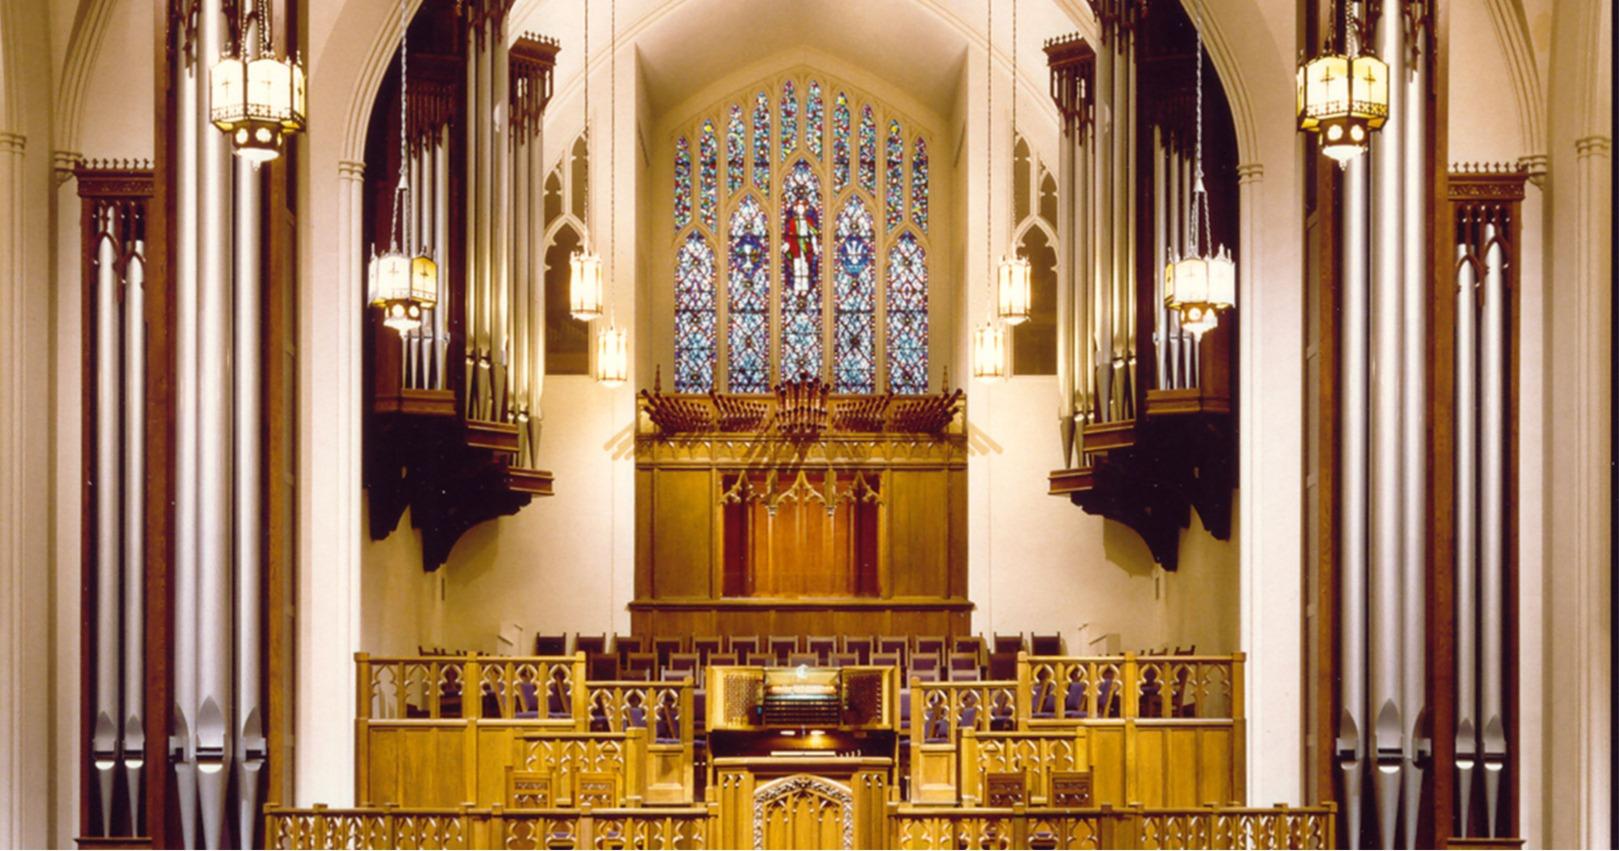 BroadwayBaptist Church